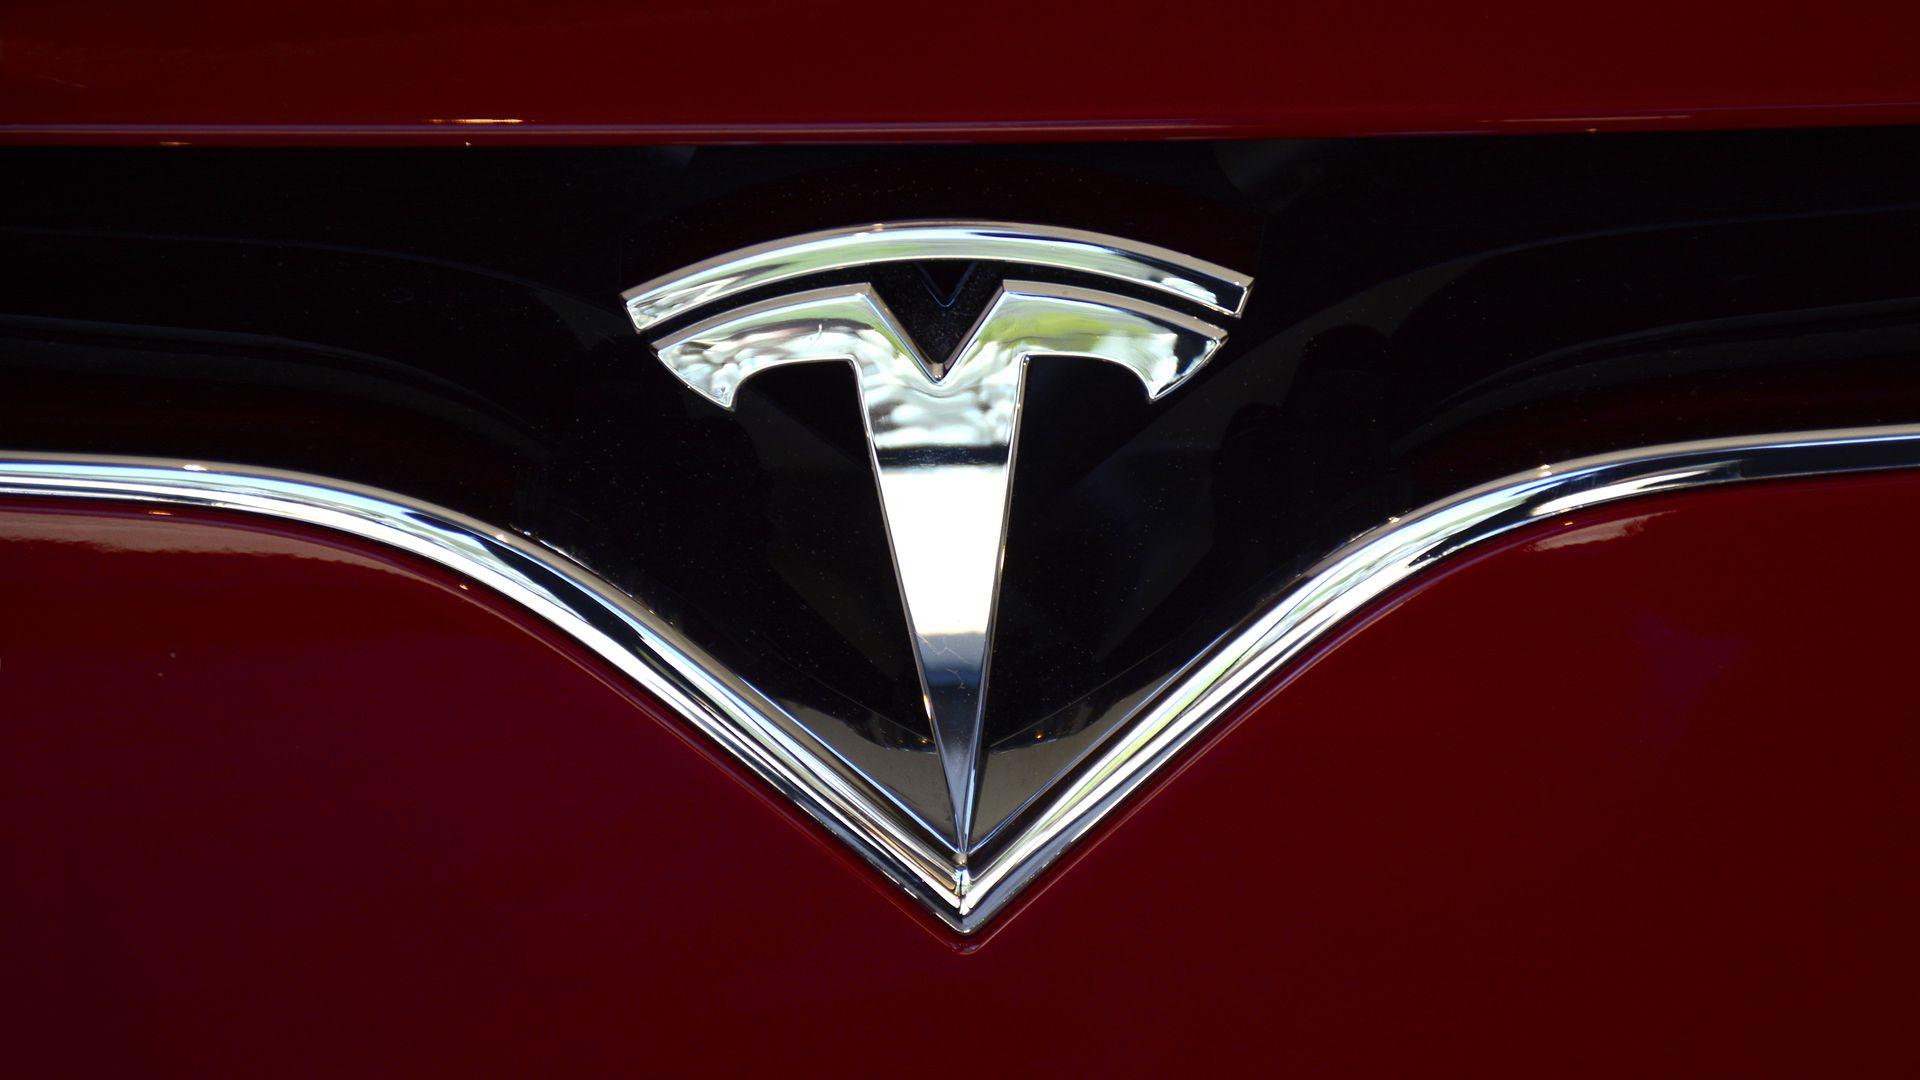 Tesla pokazała długo wyczekiwaną funkcję - samochody przemówią do przechodniów 26